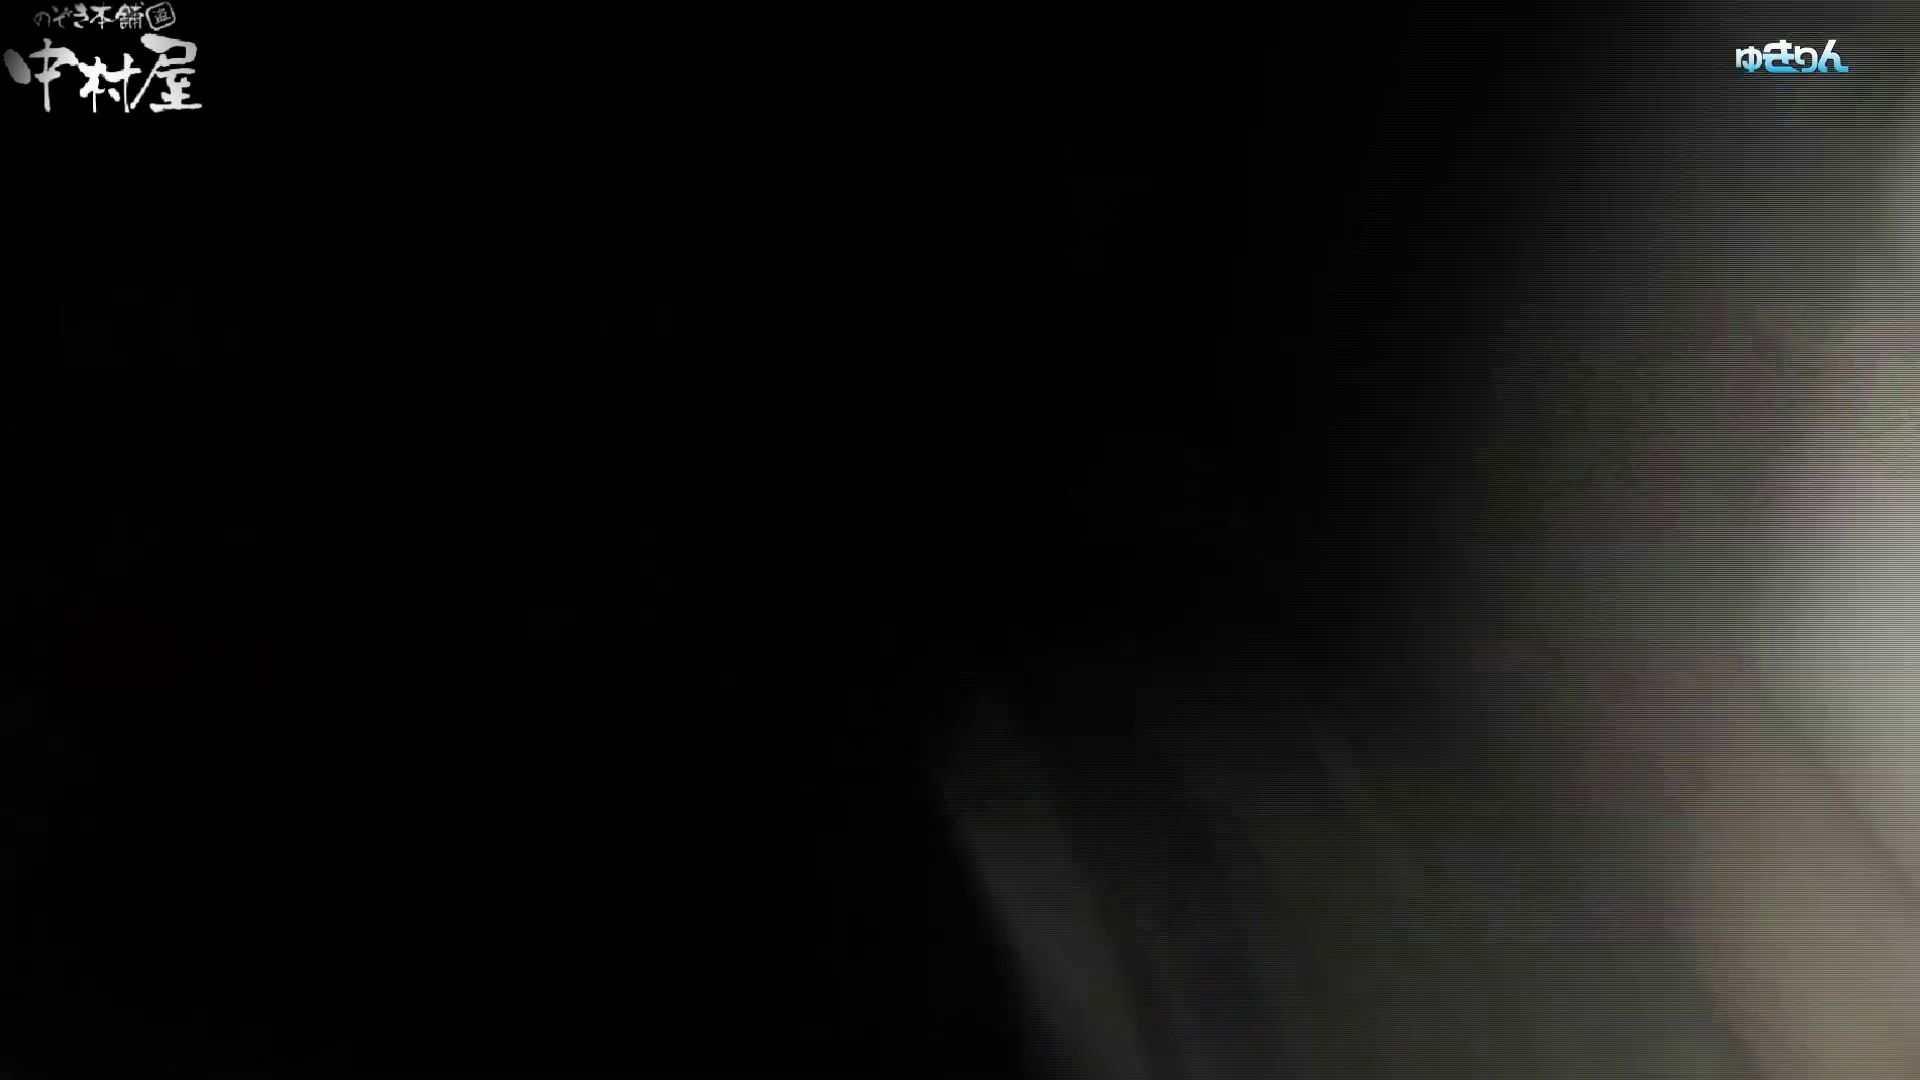 世界の射窓から~ステーション編 vol58 0.1%の確率!!吸い付こまれるプレミアム聖地 おまんこ見放題  80PIX 26